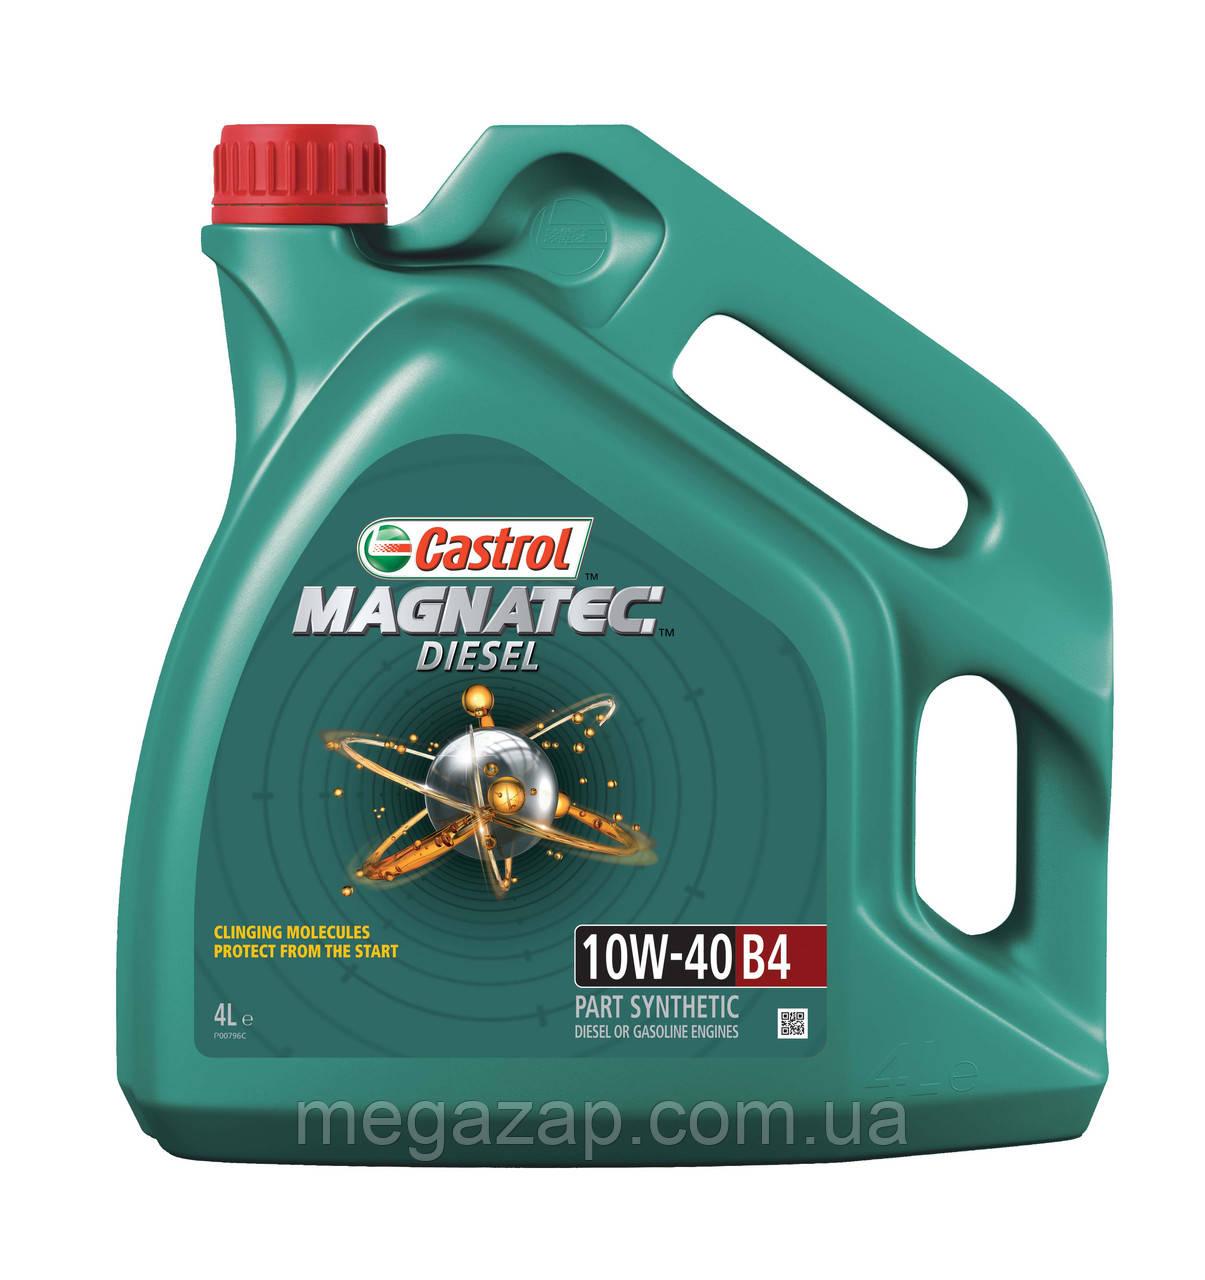 Масло моторное полусинтетическое Castrol  MAGNATEC DIESEL B4 10W-40 4л